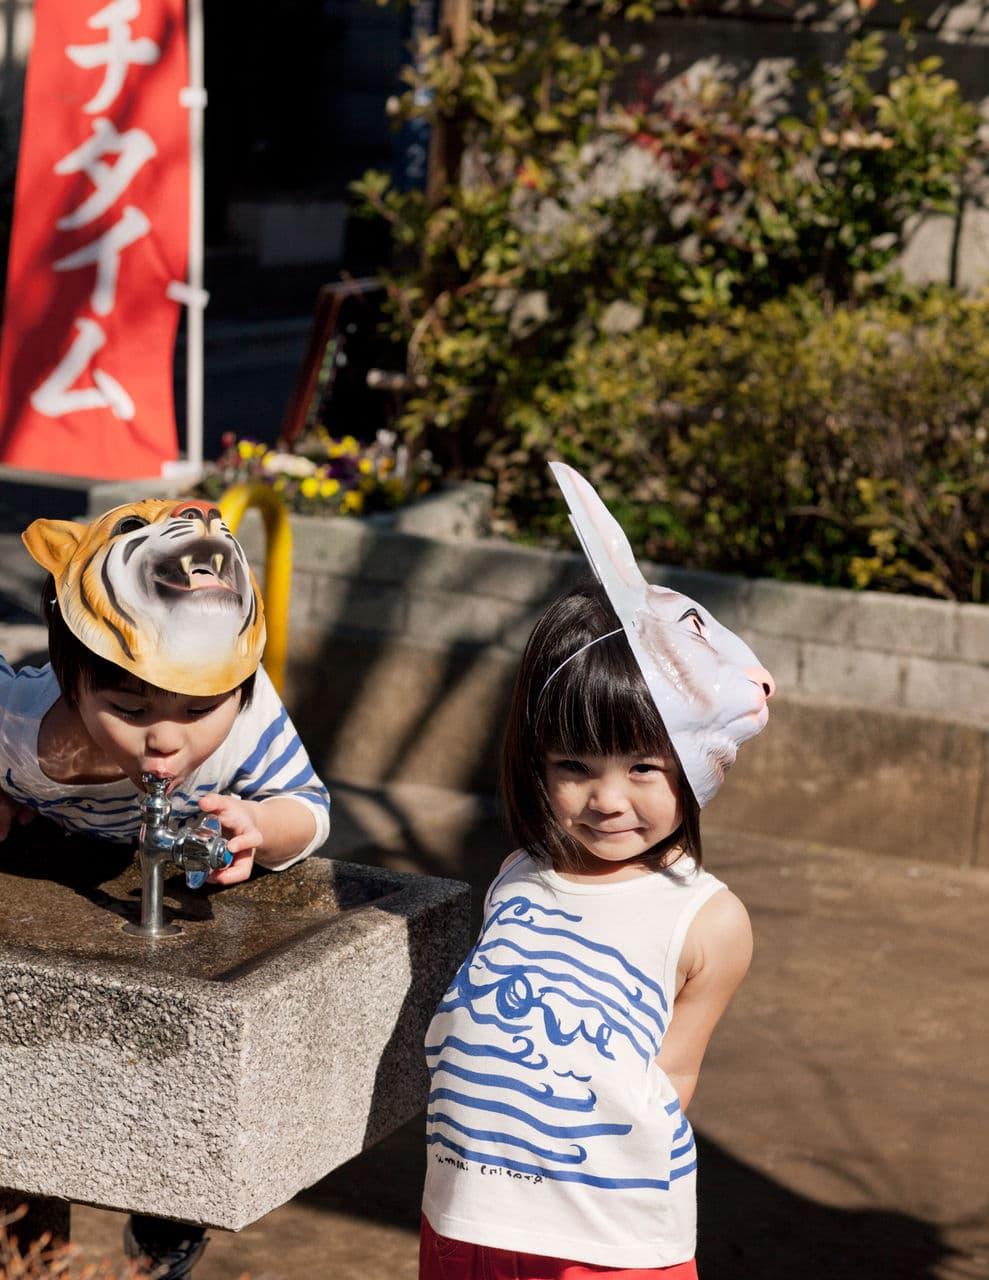 (左)プリントカットソー ¥7,665 (右)ノースリーブカットソー ¥6,090